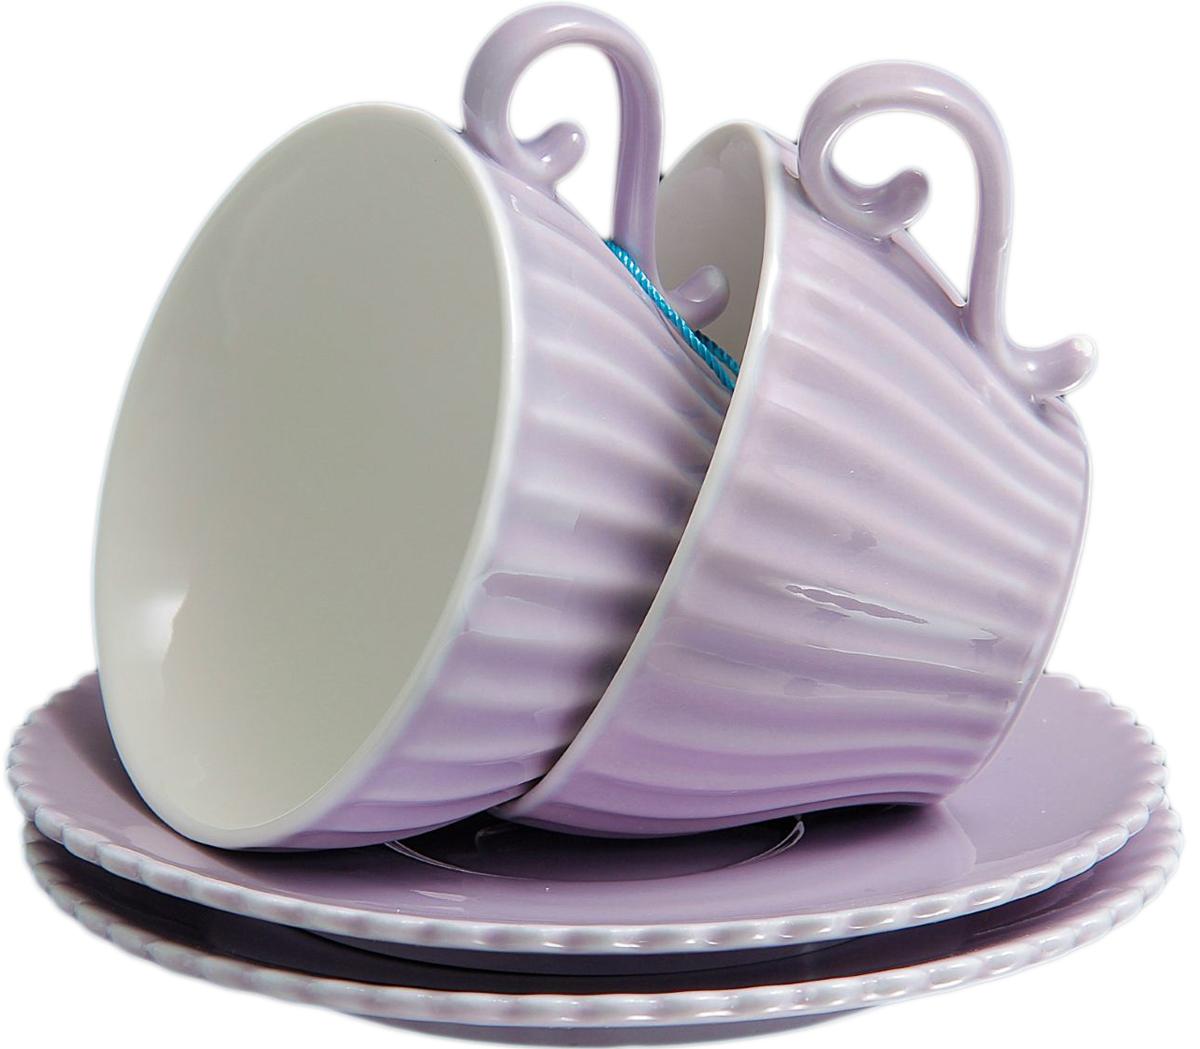 Набор чайный Lamart Confetteria, цвет: лиловый, 150 мл, 4 предмета869819Набор из 2 чайных пар Confetteria, лиловый, 150 мл — именно то, что раскрасит серые будни яркими красками. Создайте для себя и своих близких атмосферу праздника. Данный товар соответствует российским стандартам качества, вам не придётся краснеть за такой подарок. Это уникальный товар по выгодной цене, который вы можете купить оптом у нас уже сегодня.